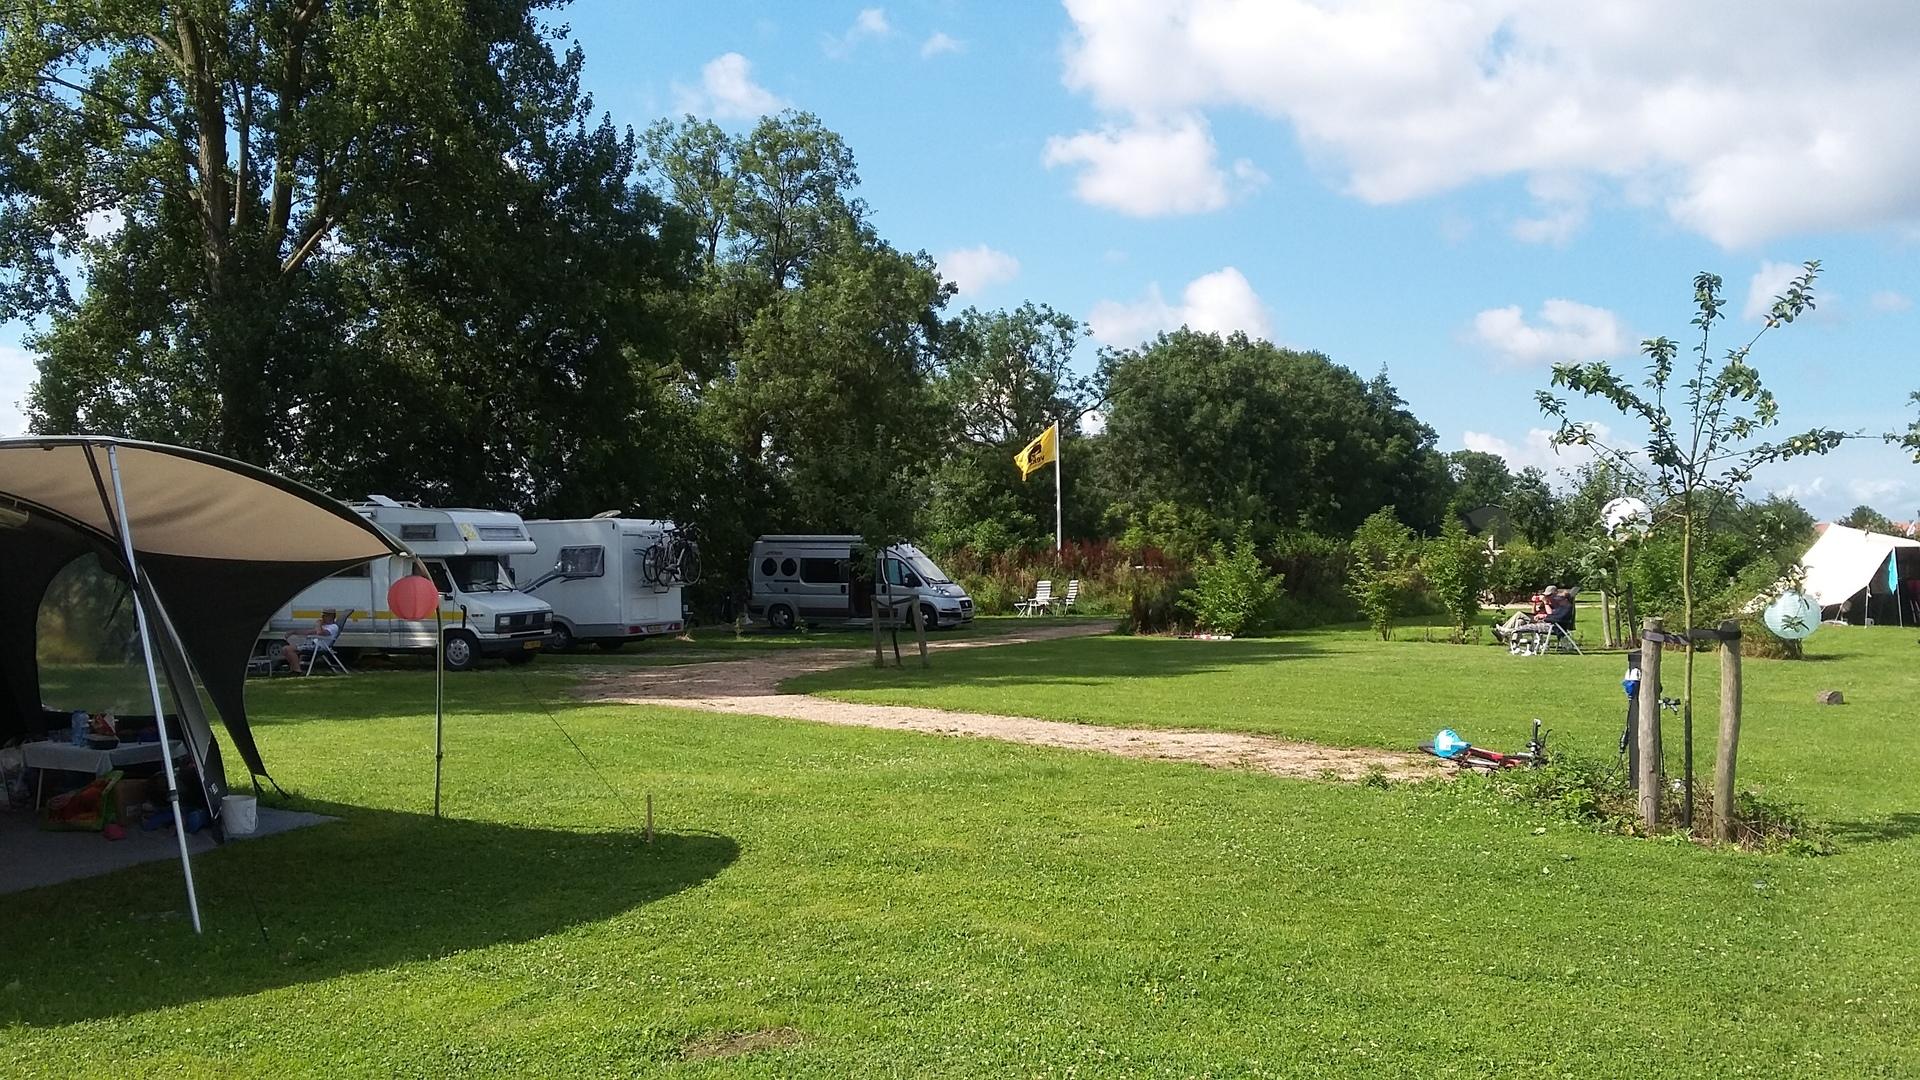 Camping Zwaakse Weel